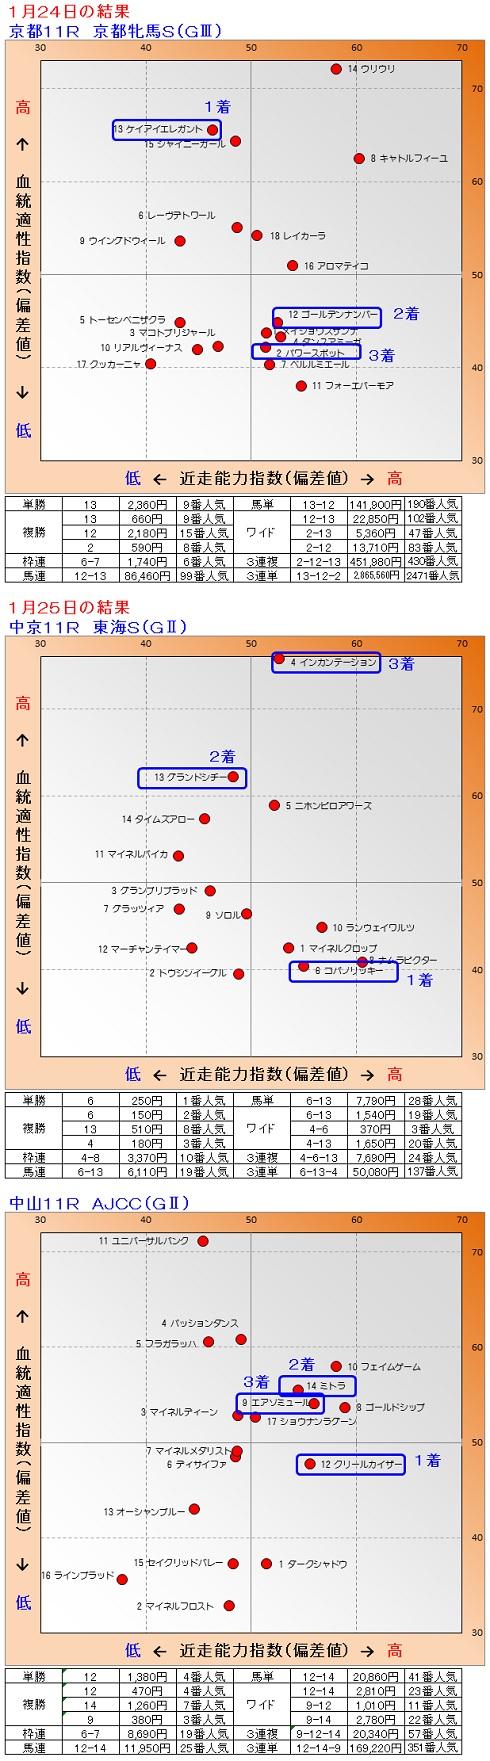 2015-01-2425結果